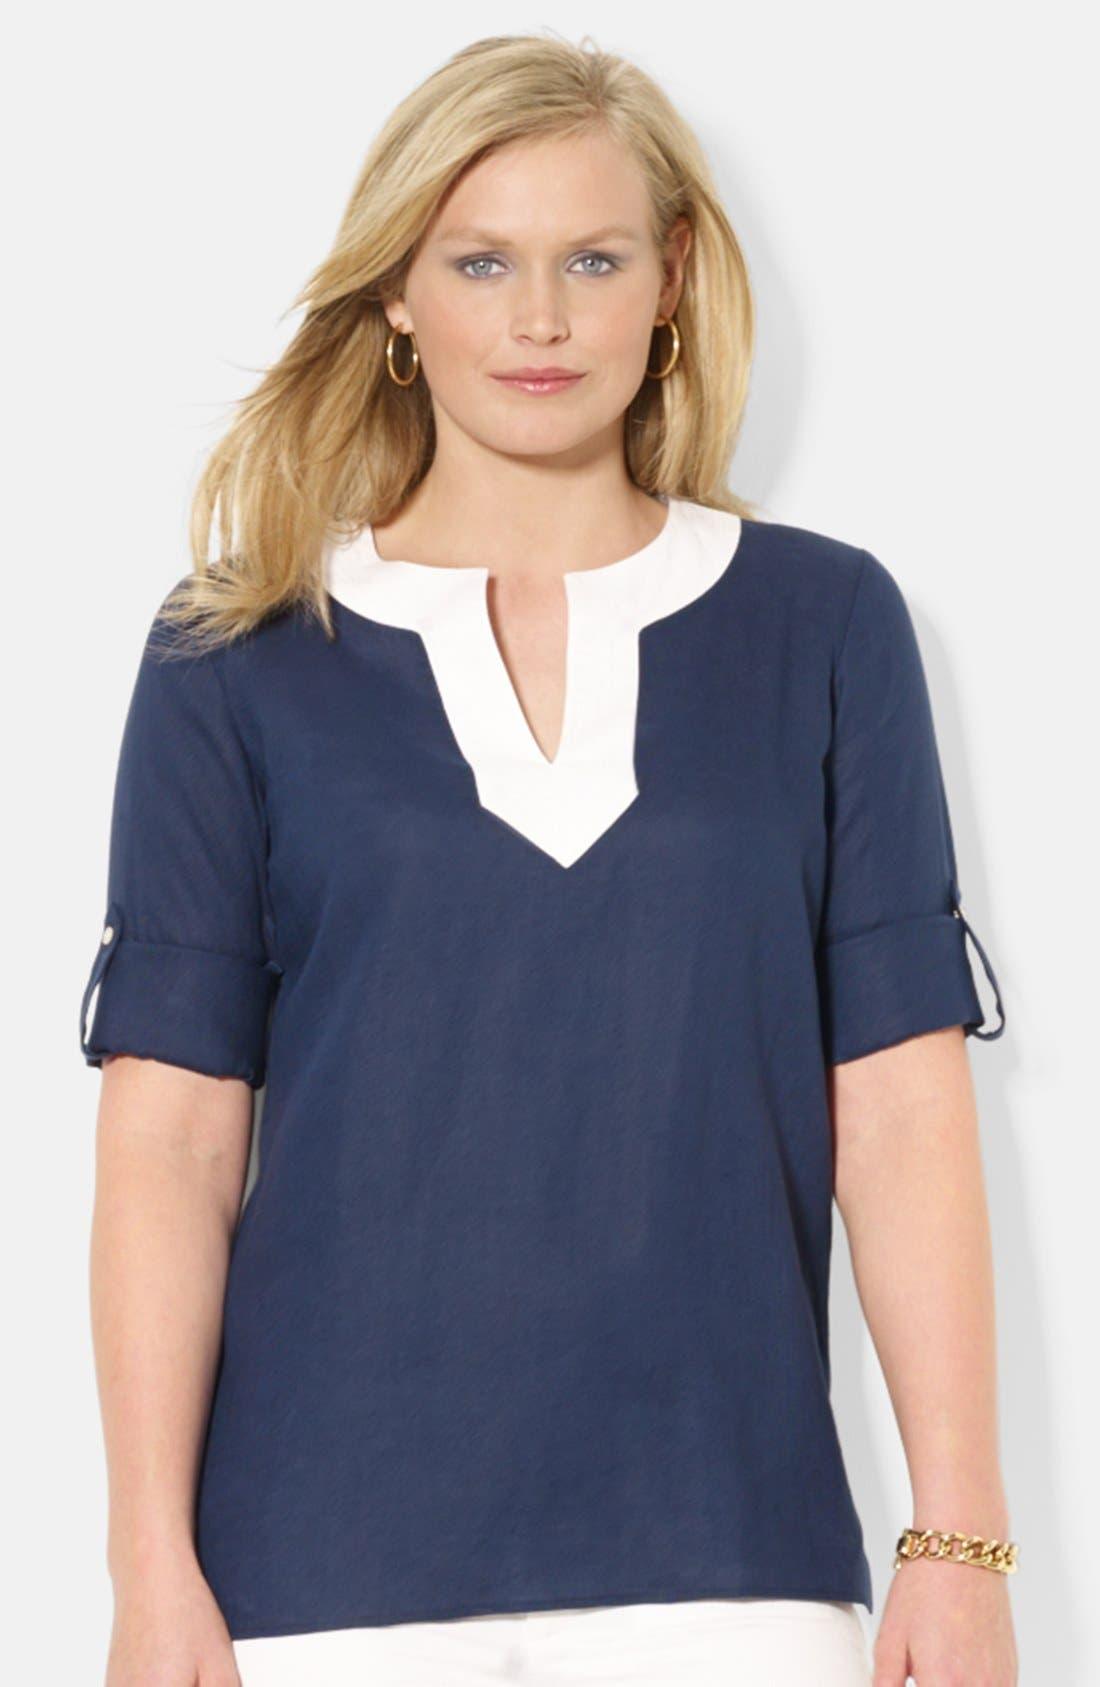 Alternate Image 1 Selected - Lauren Ralph Lauren Contrast Split Neck Linen Top (Plus Size)